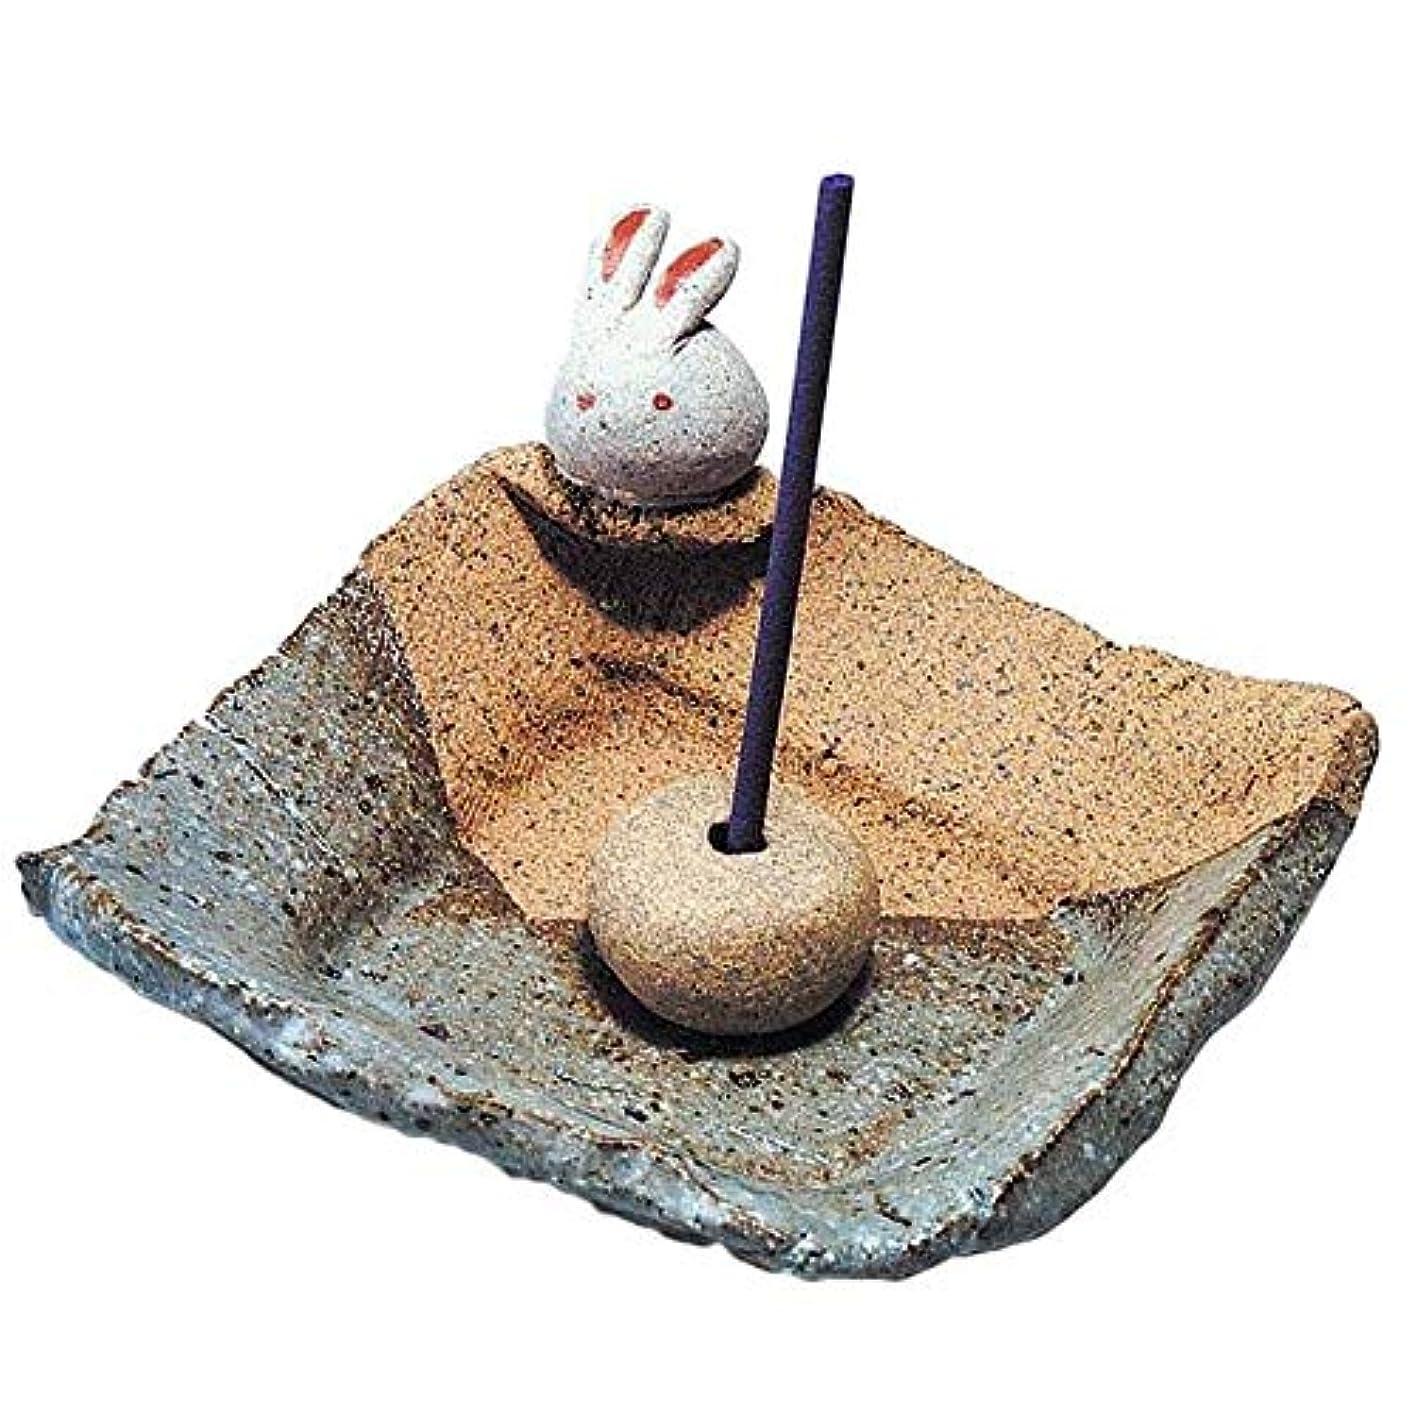 自発的参加者補償手造り 香皿 香立て/うさぎ 香皿/香り アロマ 癒やし リラックス インテリア プレゼント 贈り物